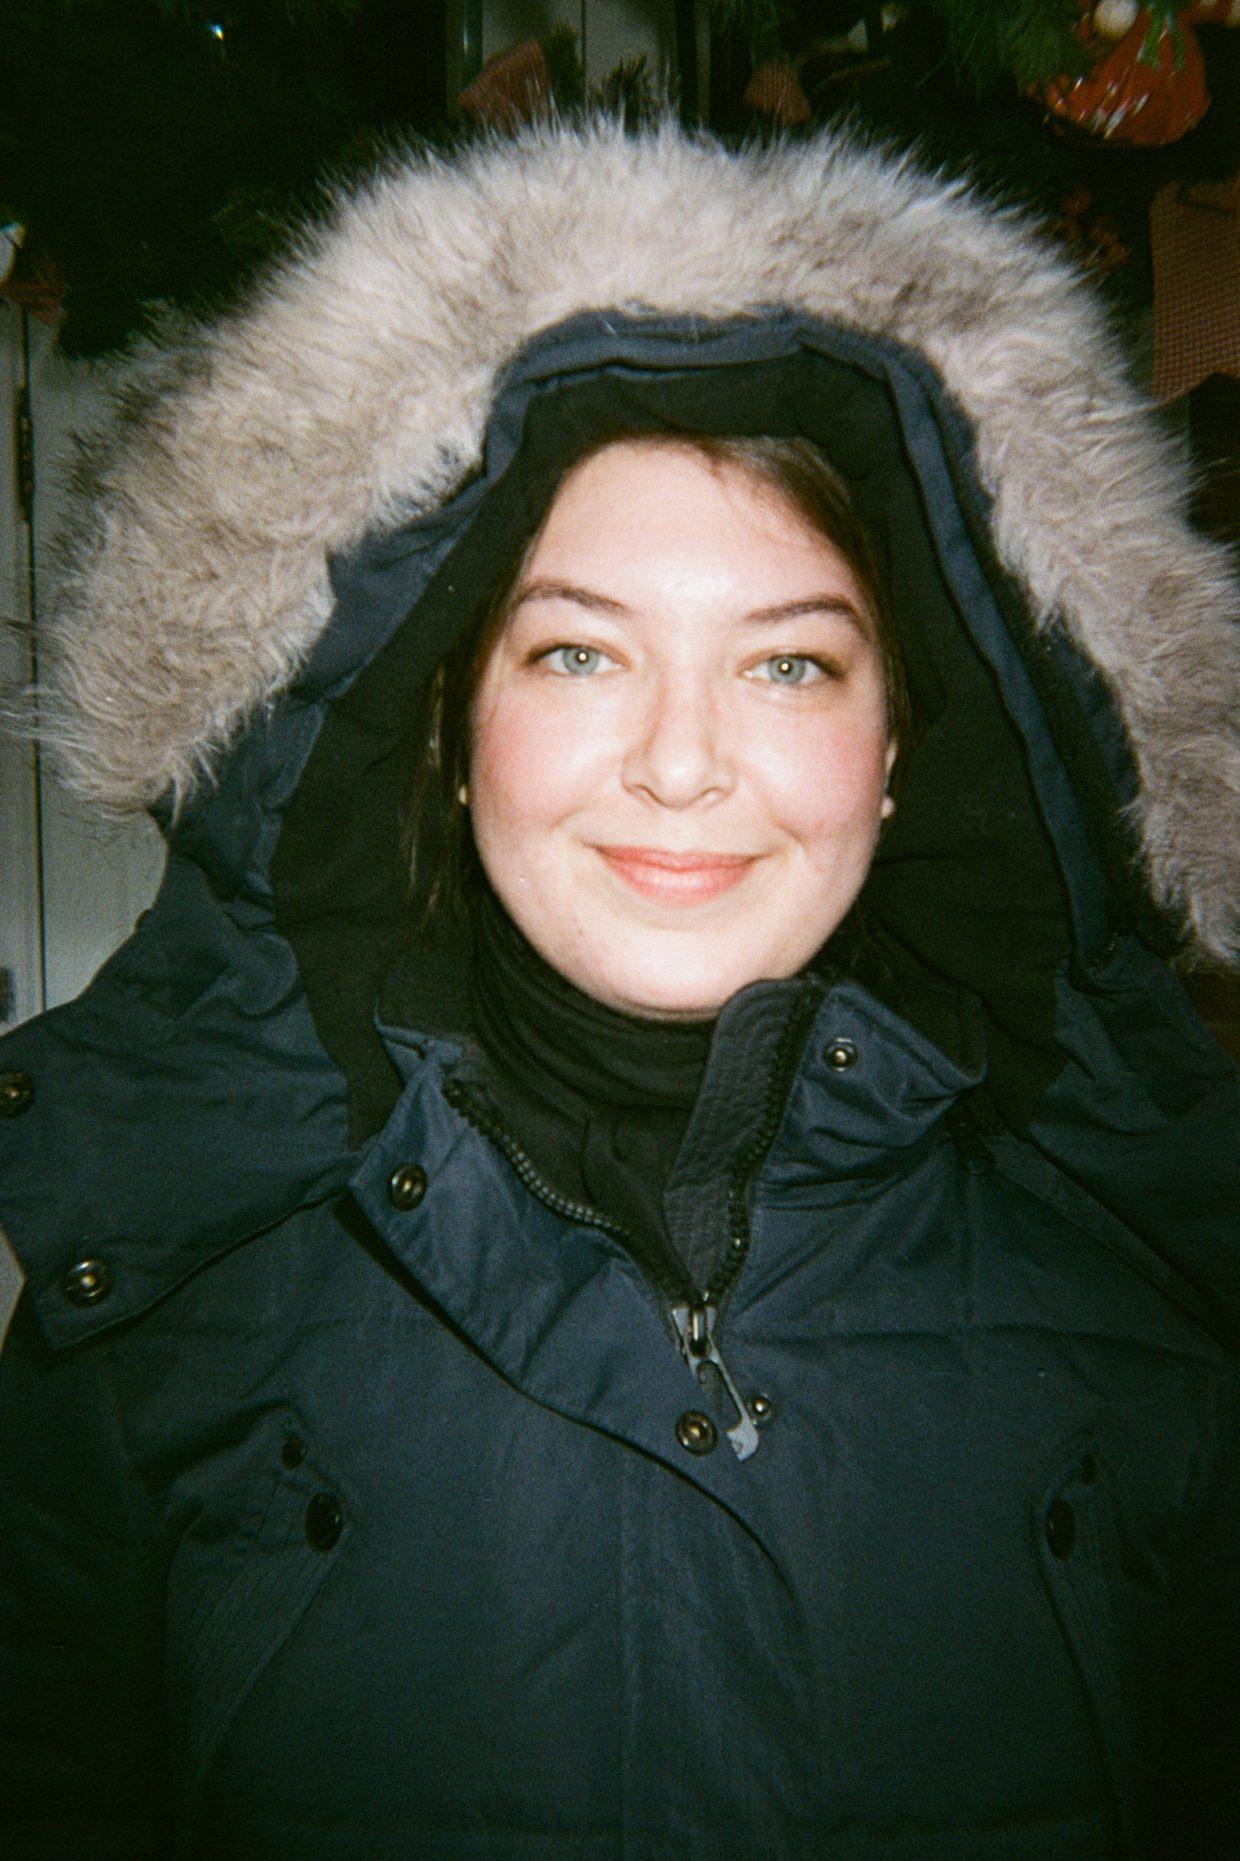 Emmy en manteau Noize bleu au Canada à Toronto